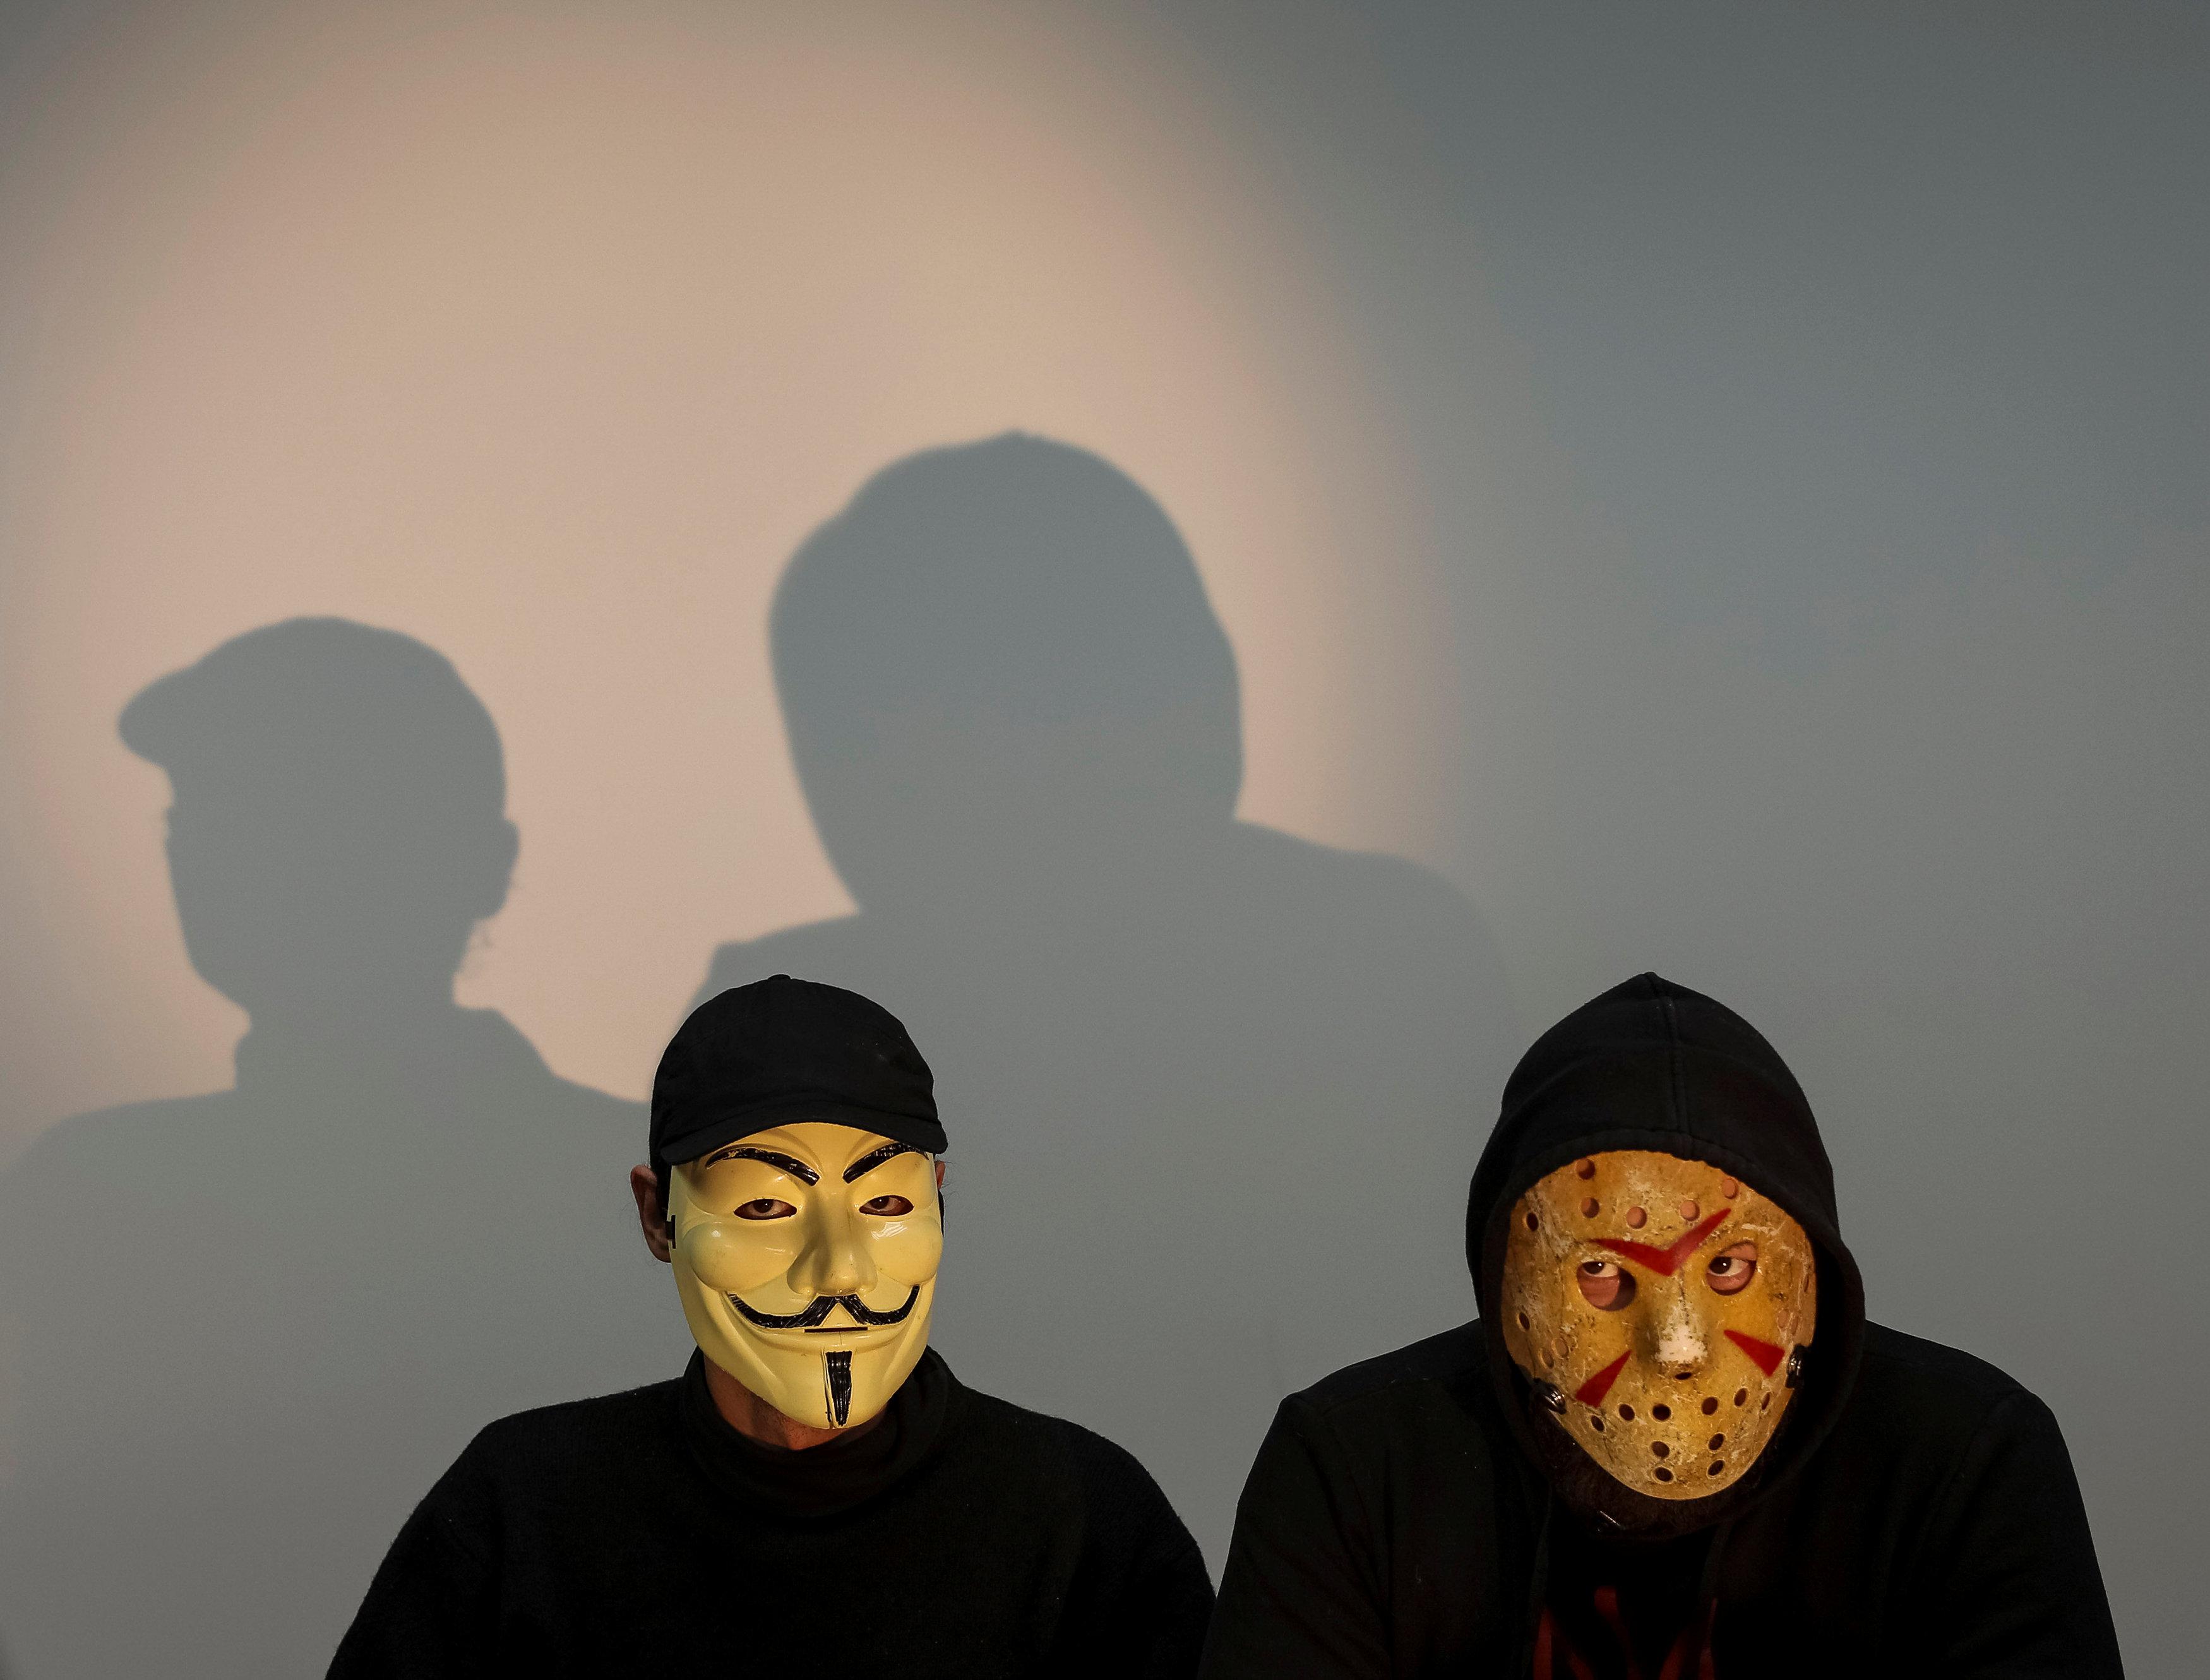 ВУкраинском государстве зафиксировали новейшую вирусную атаку через бухгалтерскоеПО